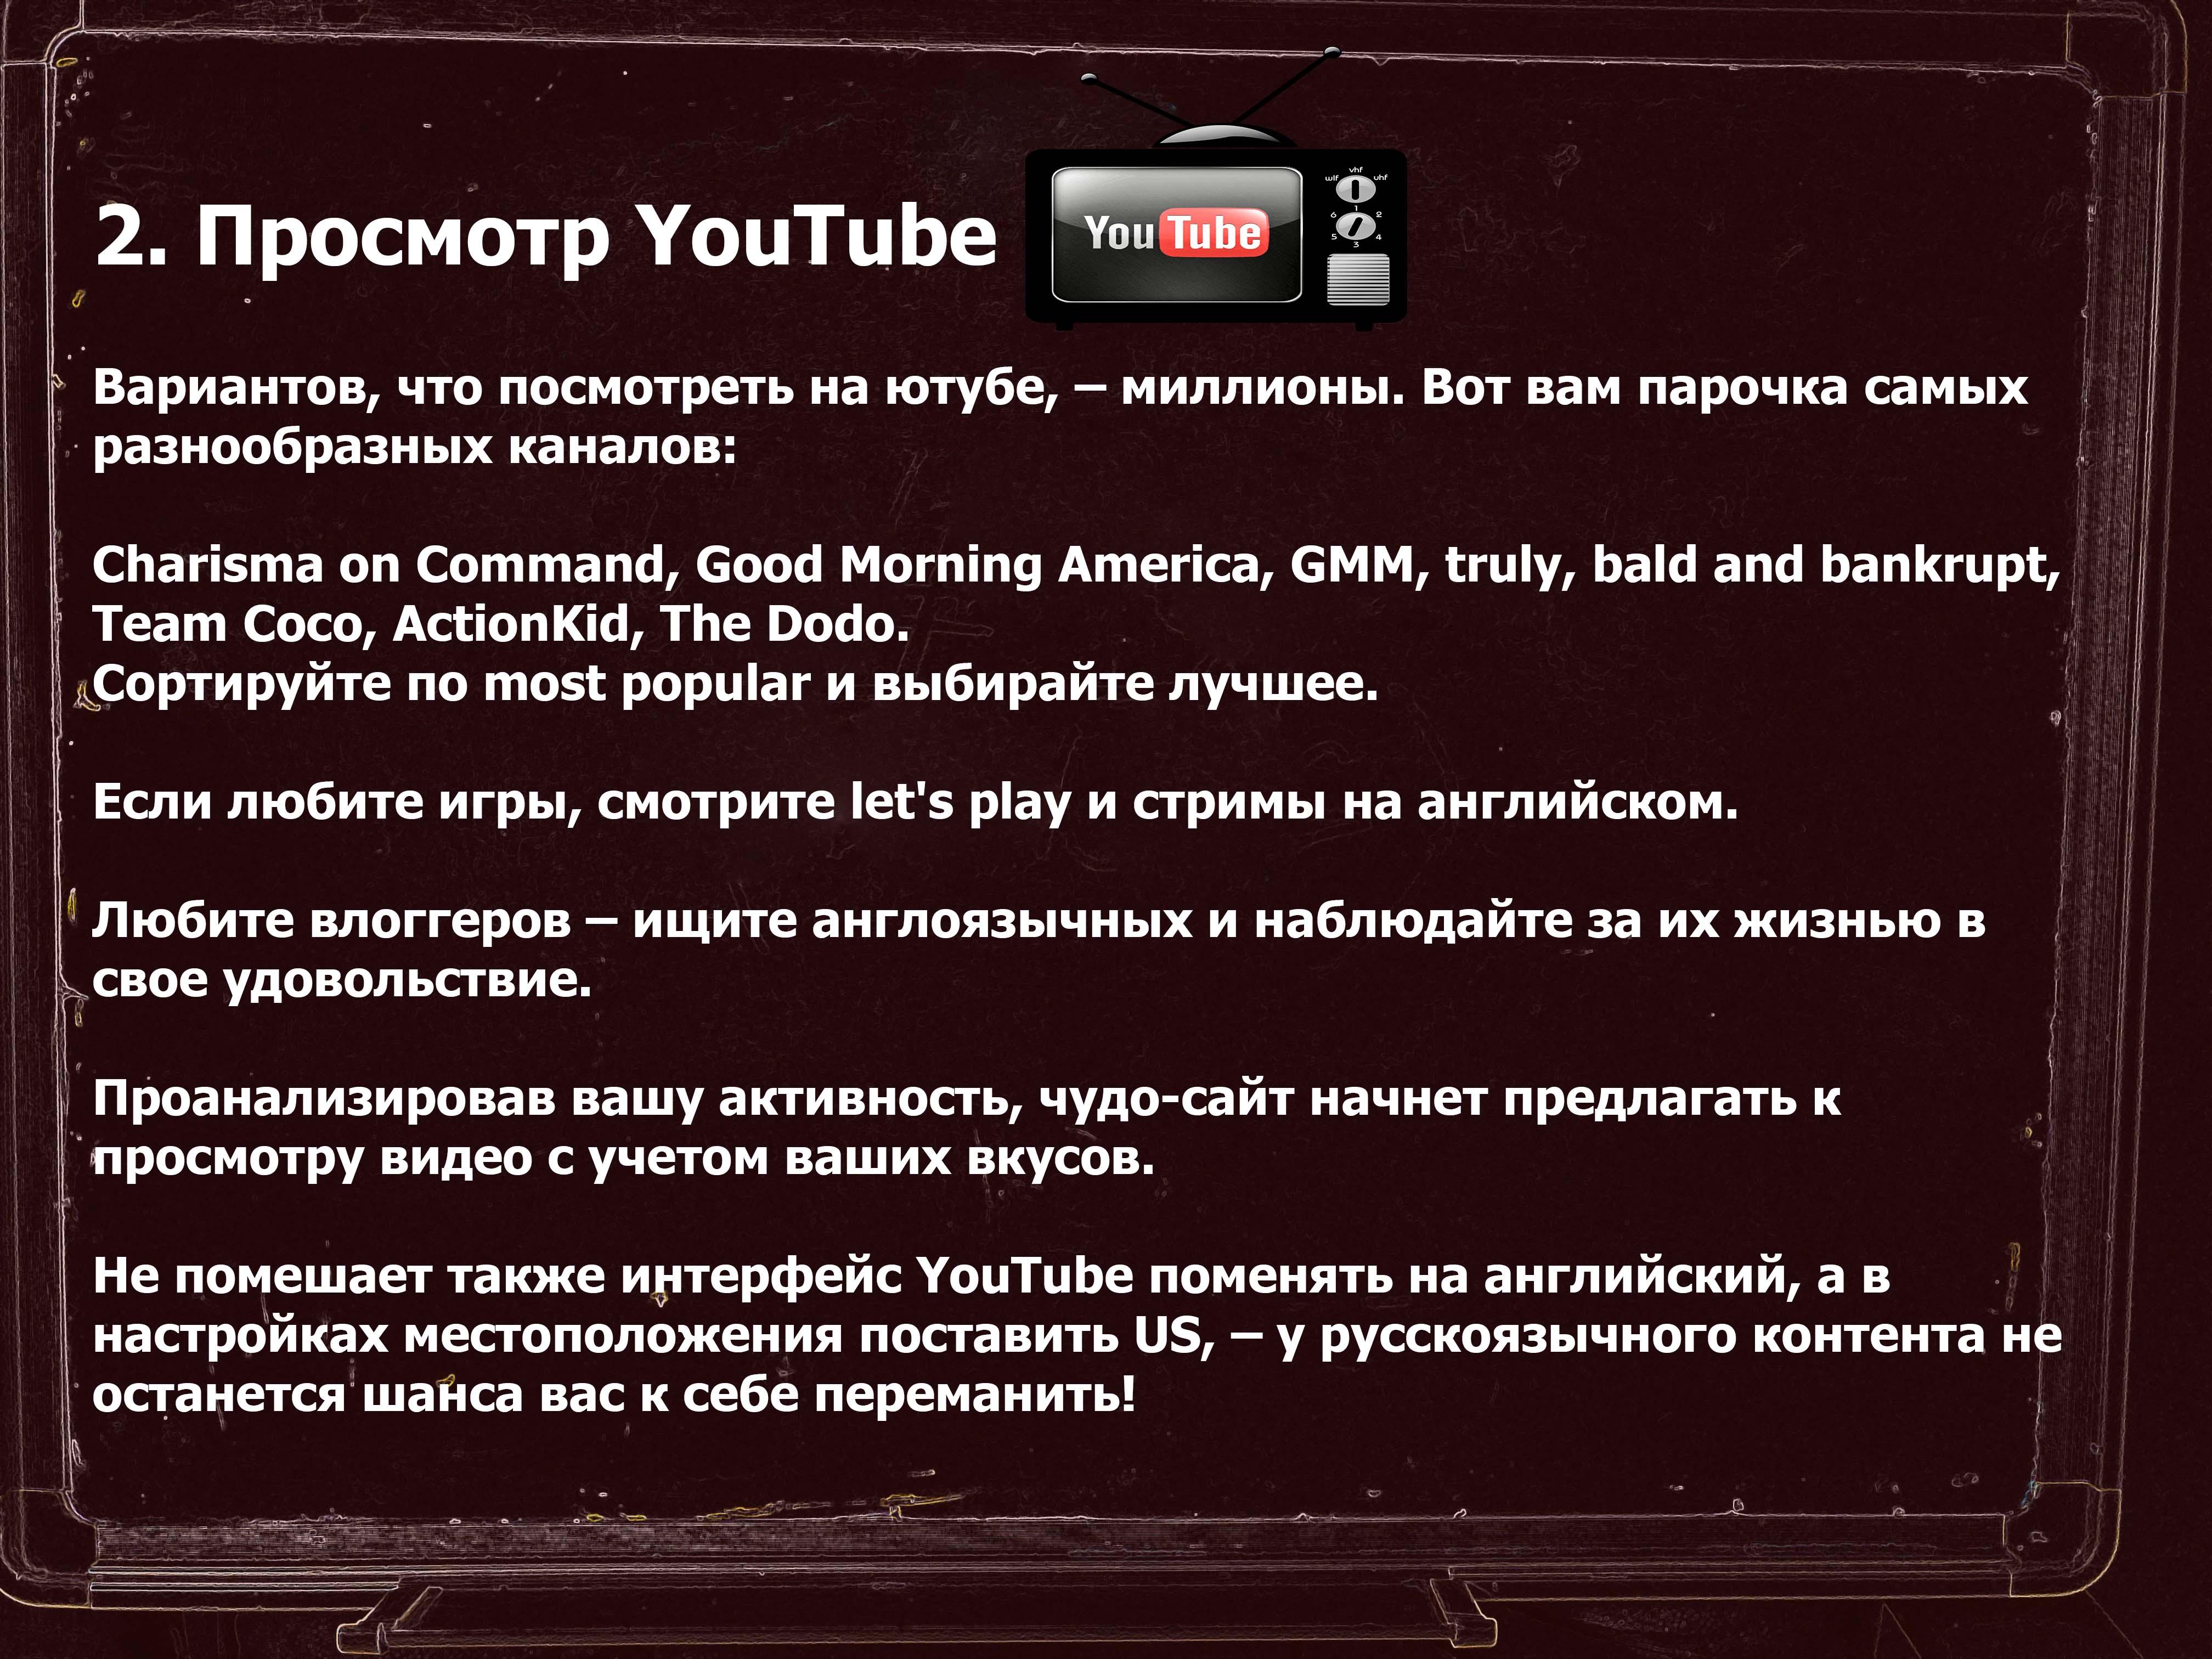 Искусственное погружение в английский язык: просмотр youtube